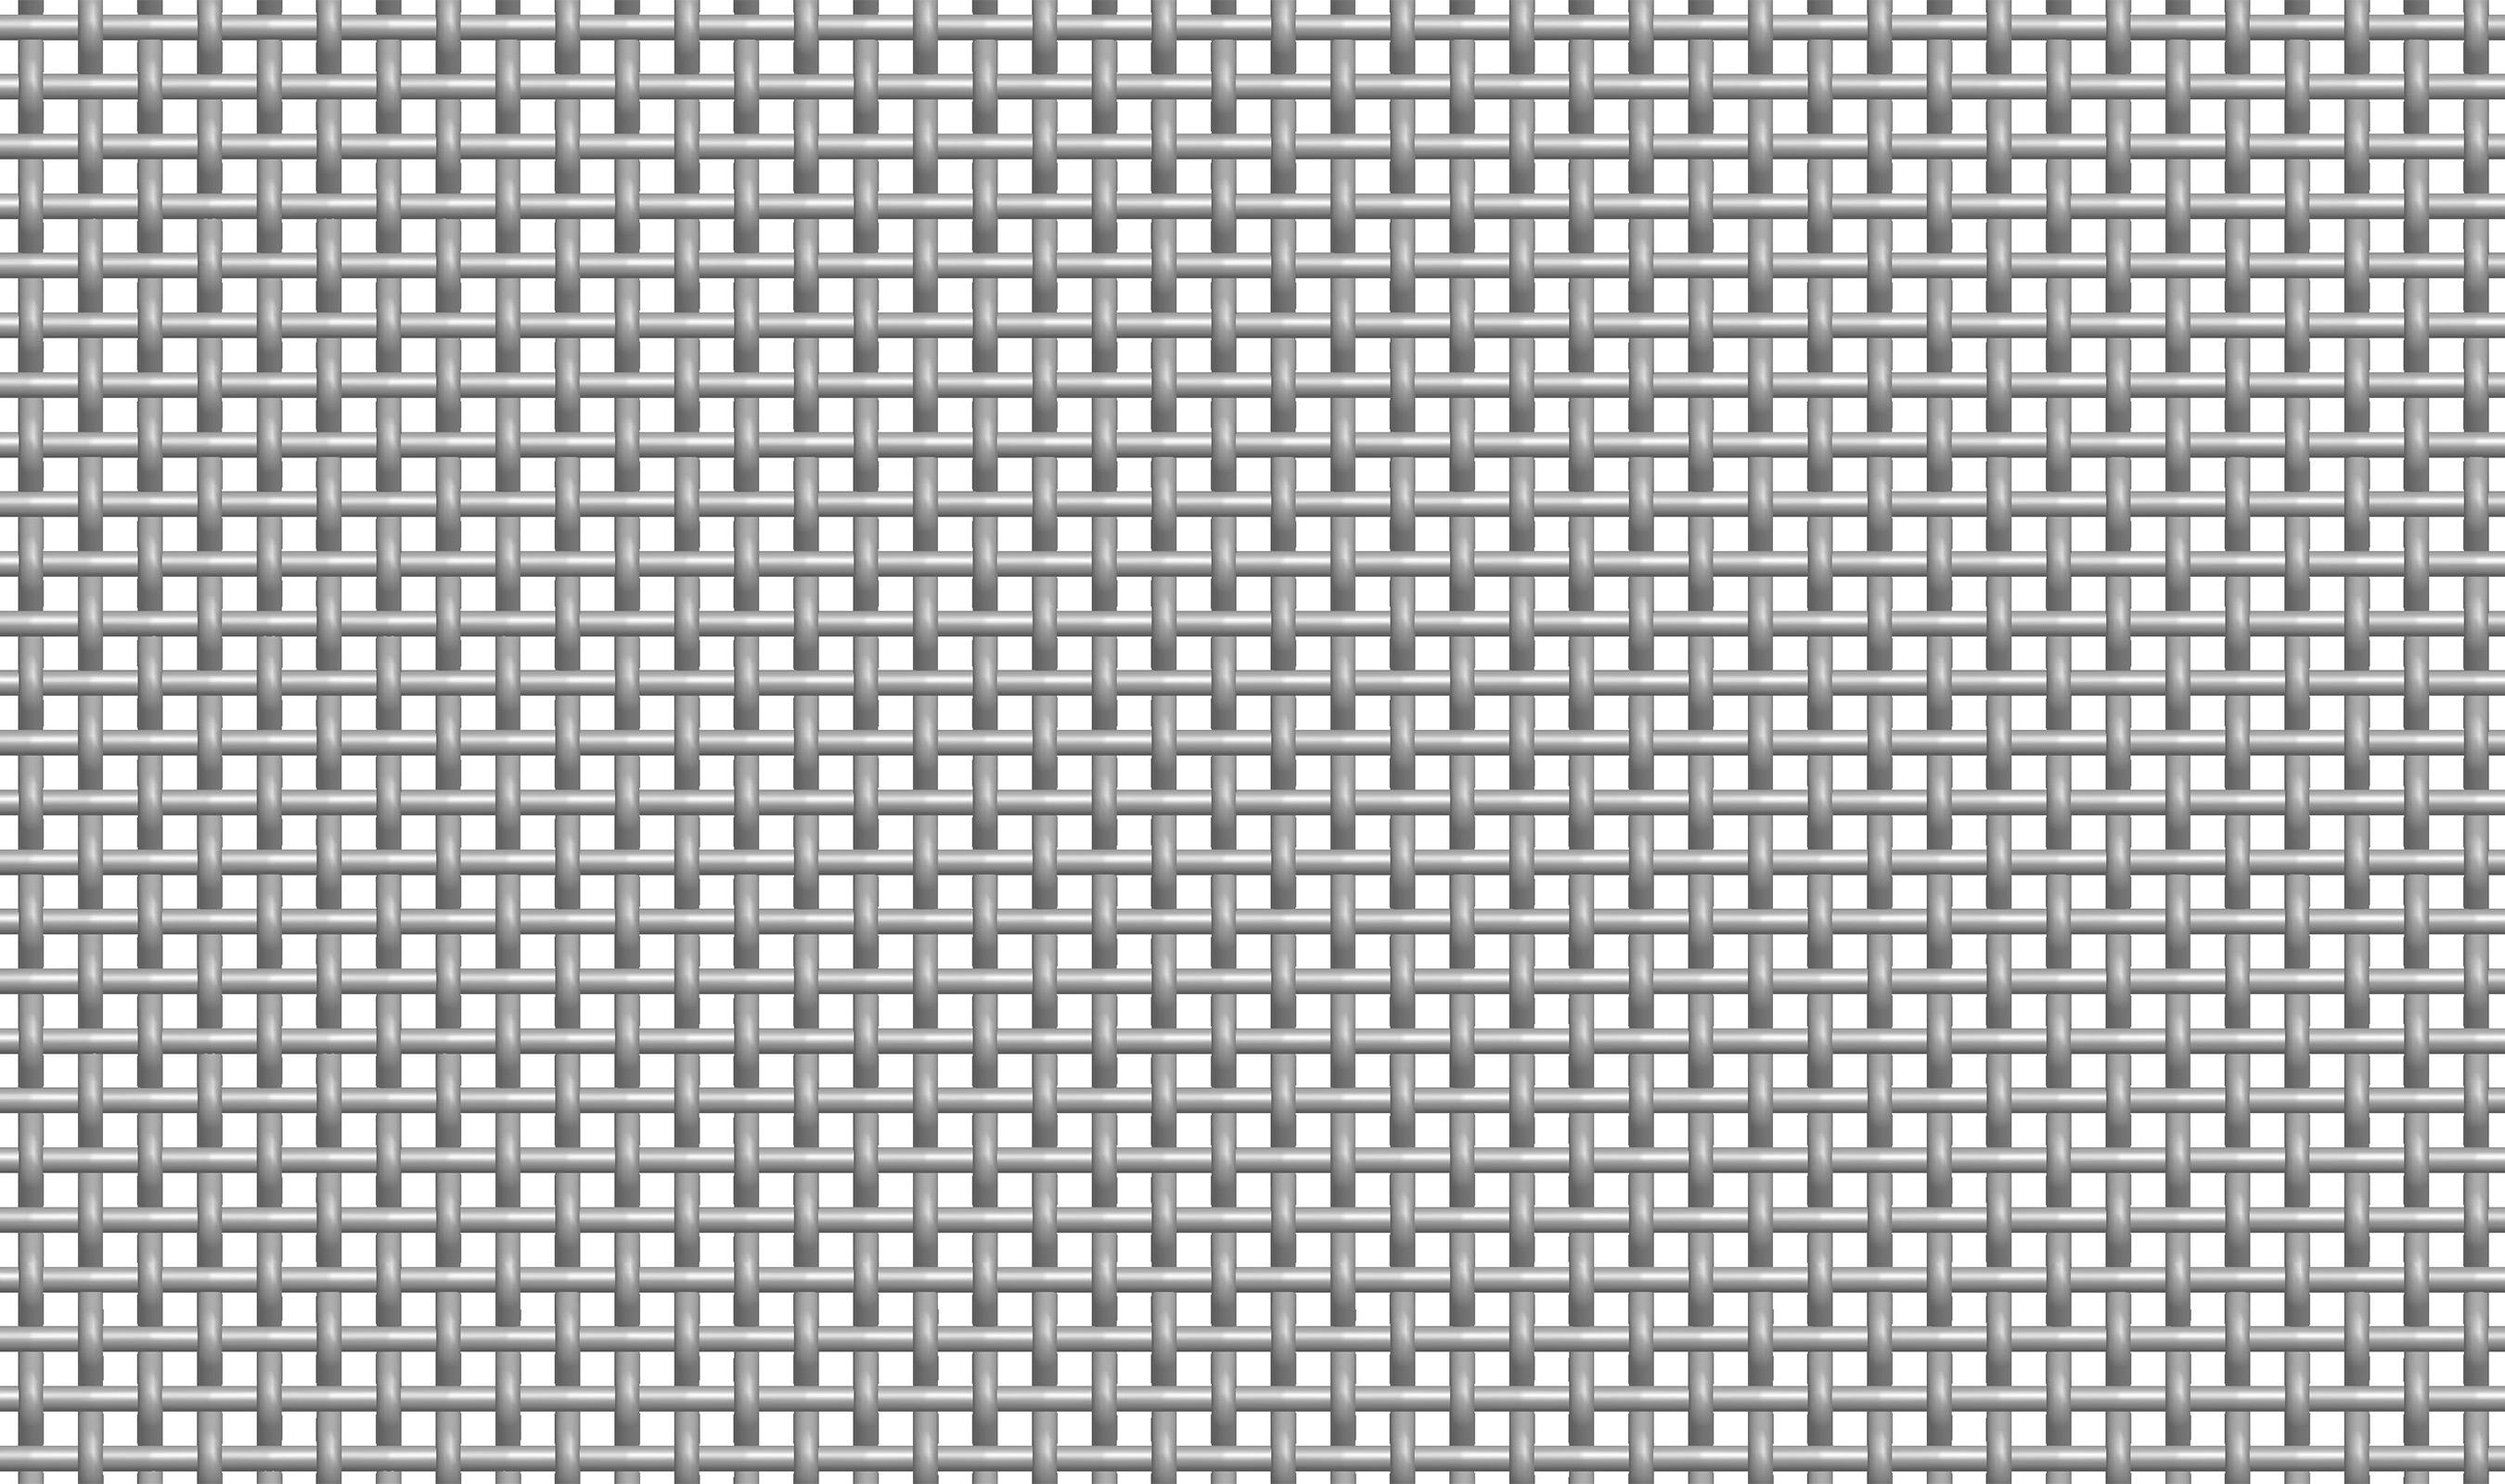 (P-111) 3-1/2 MESH .120 Plain Crimp Woven Wire Mesh